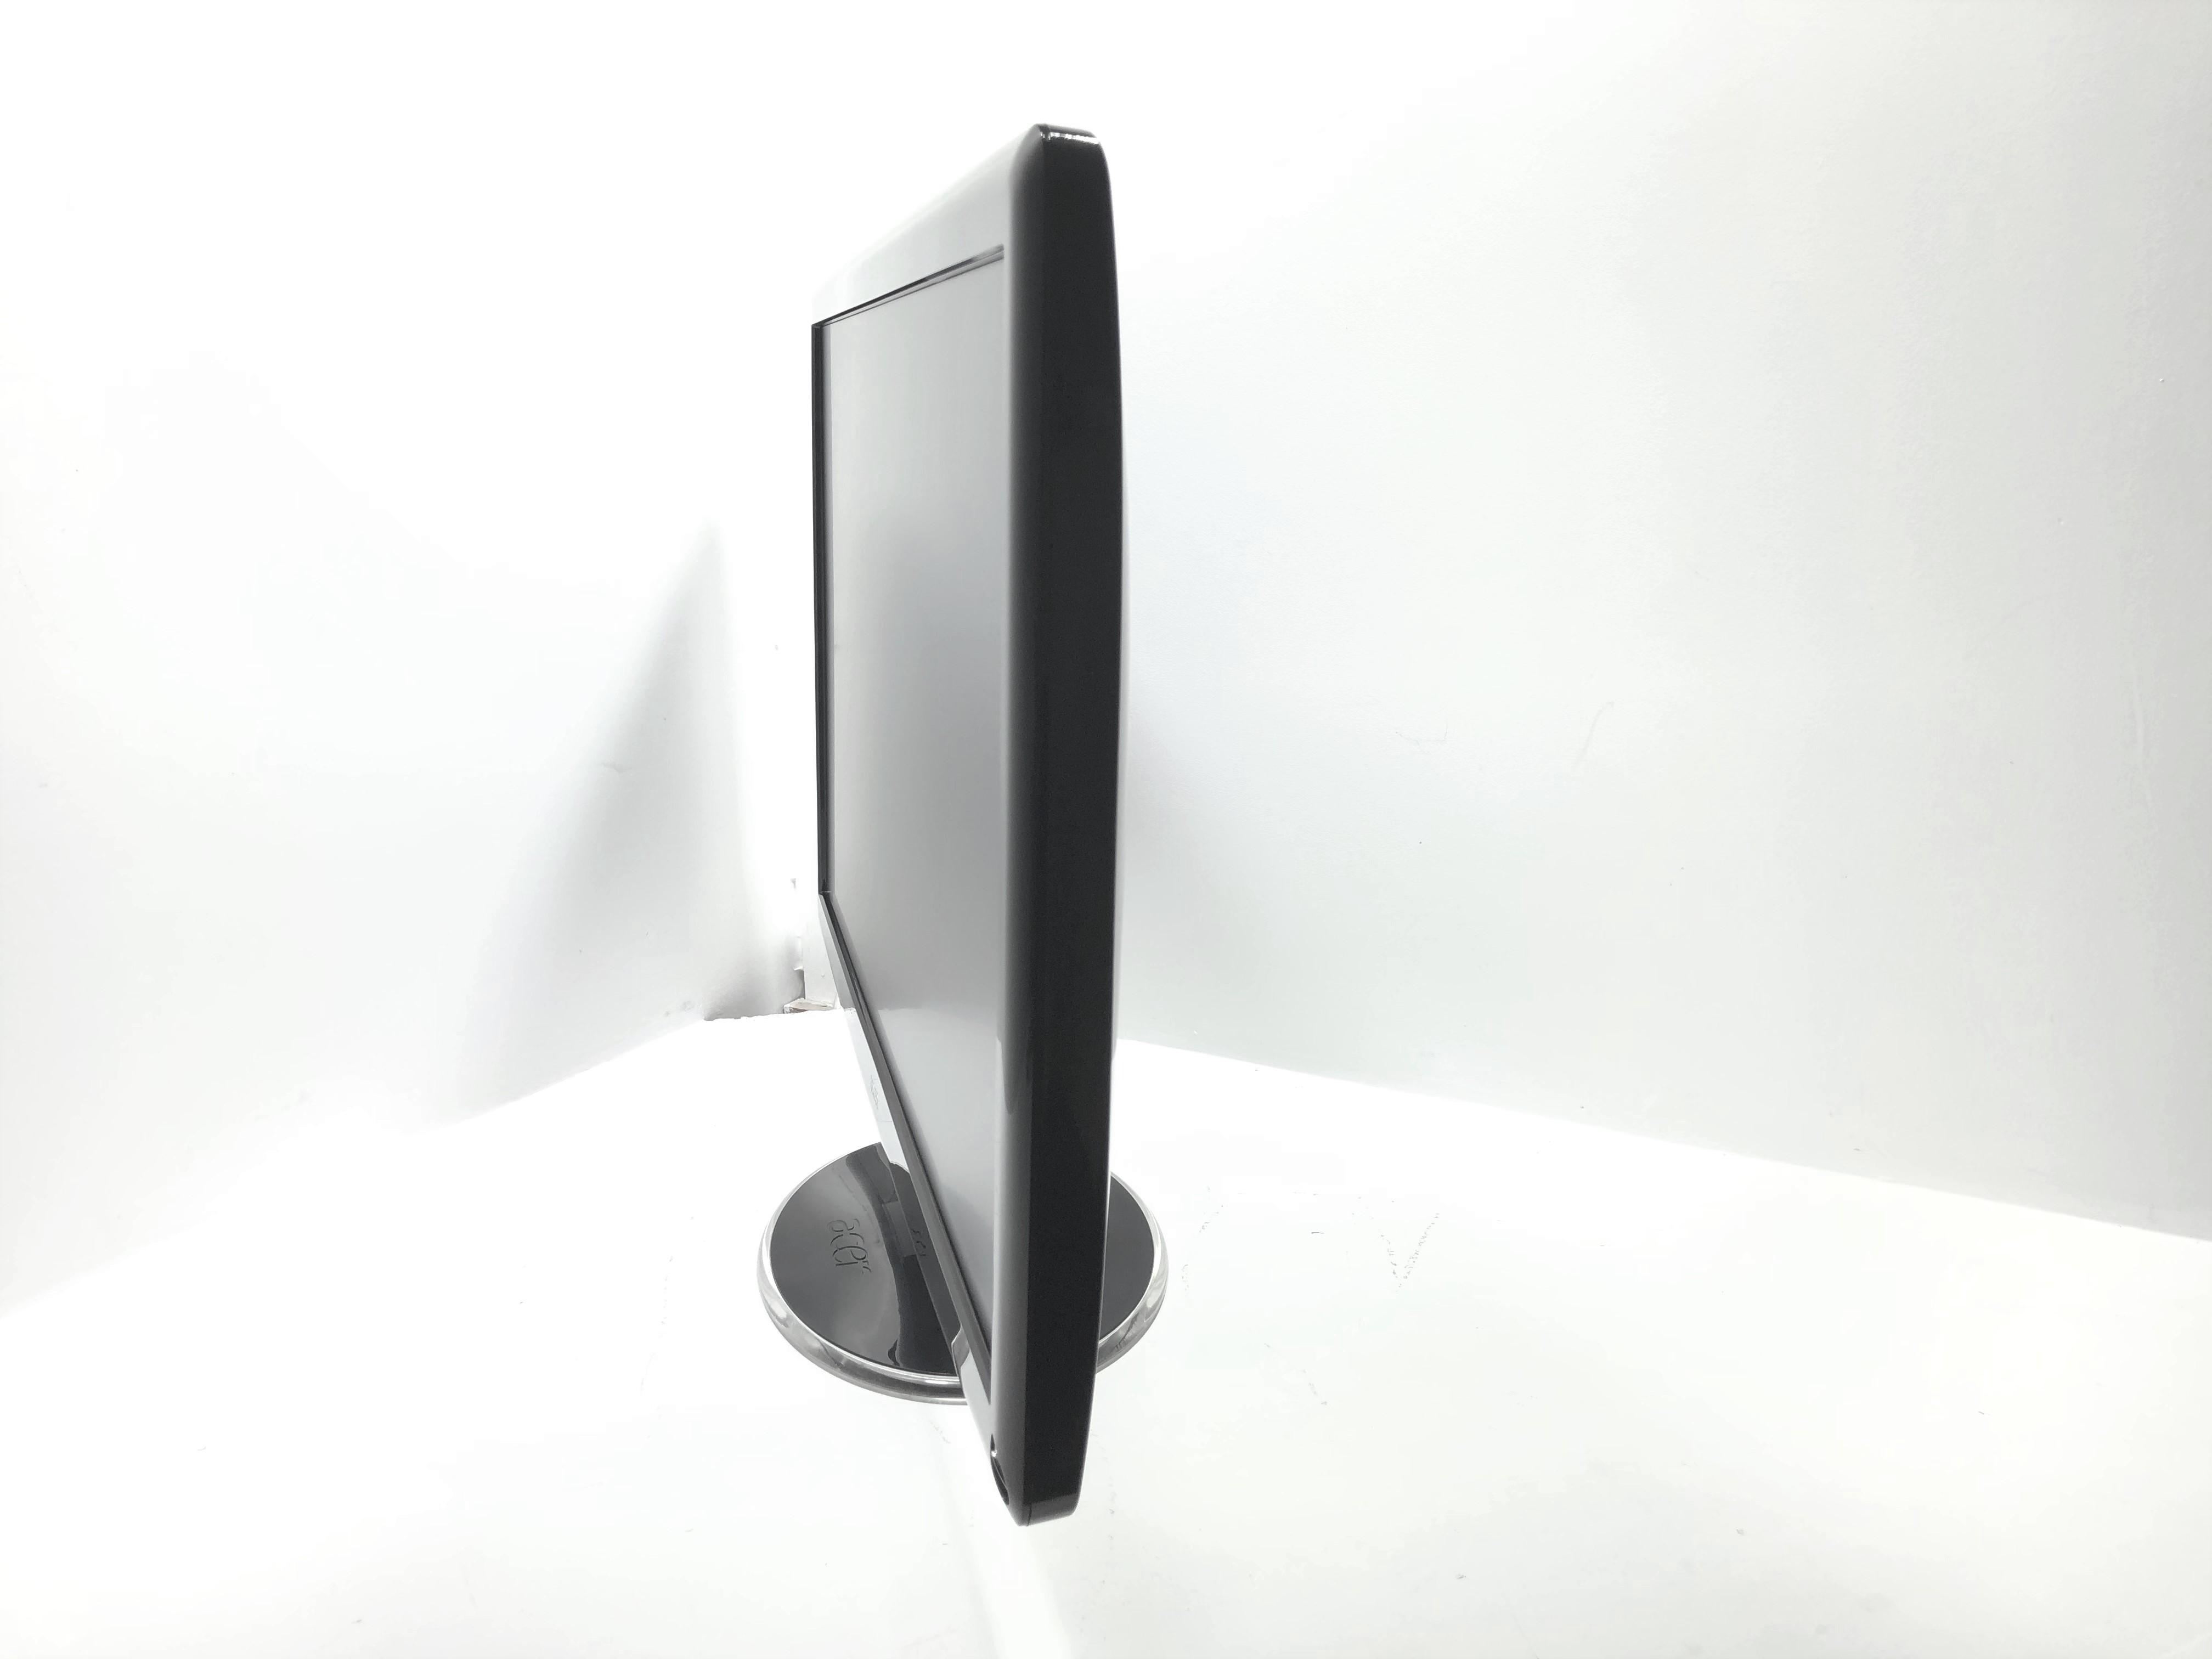 Acer H274HL No 3